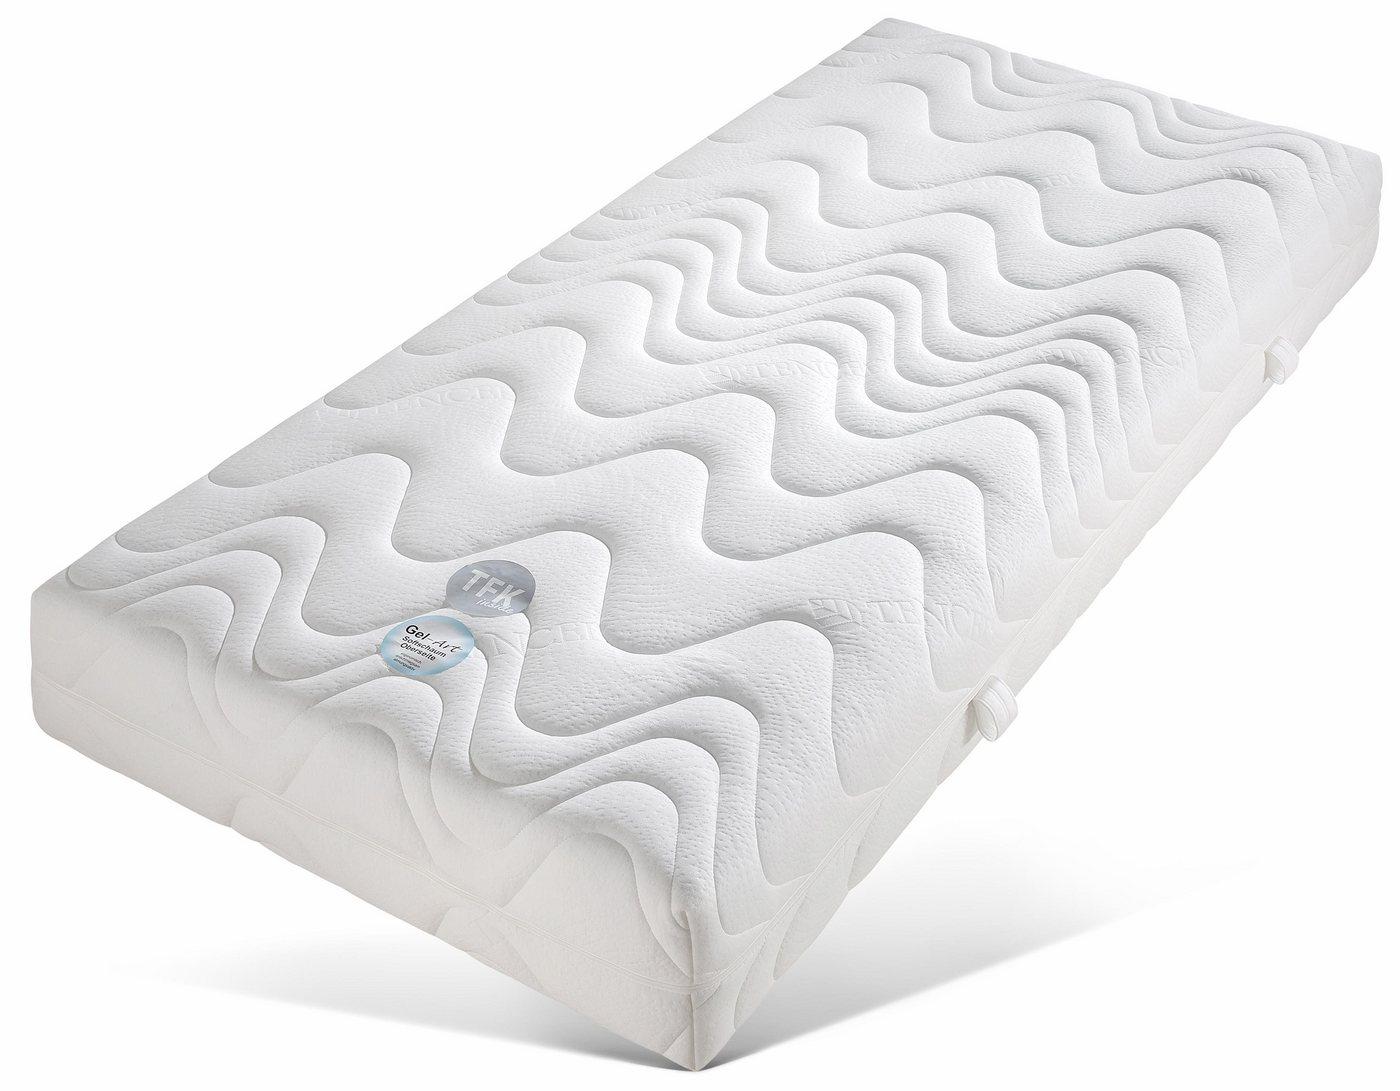 Gelschuim-pocketveringsmatras, TFK Pro Gel Luxus, BECO, 26 cm dik, 400 veren